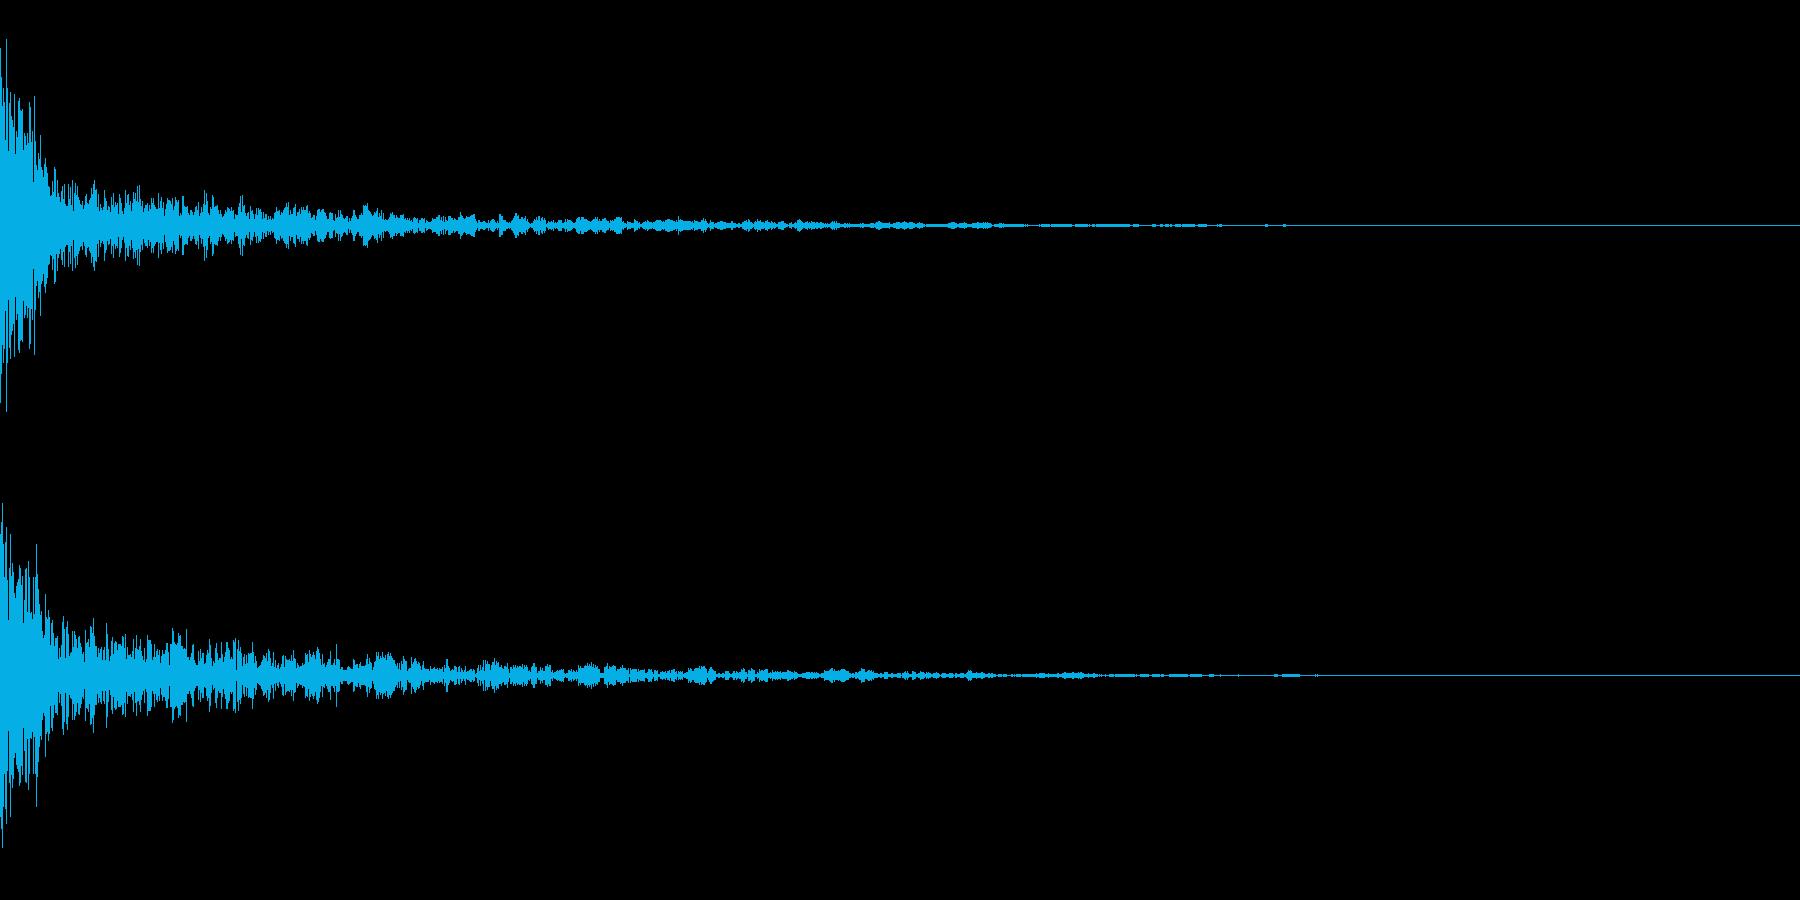 ドーン-41-1(インパクト音)の再生済みの波形